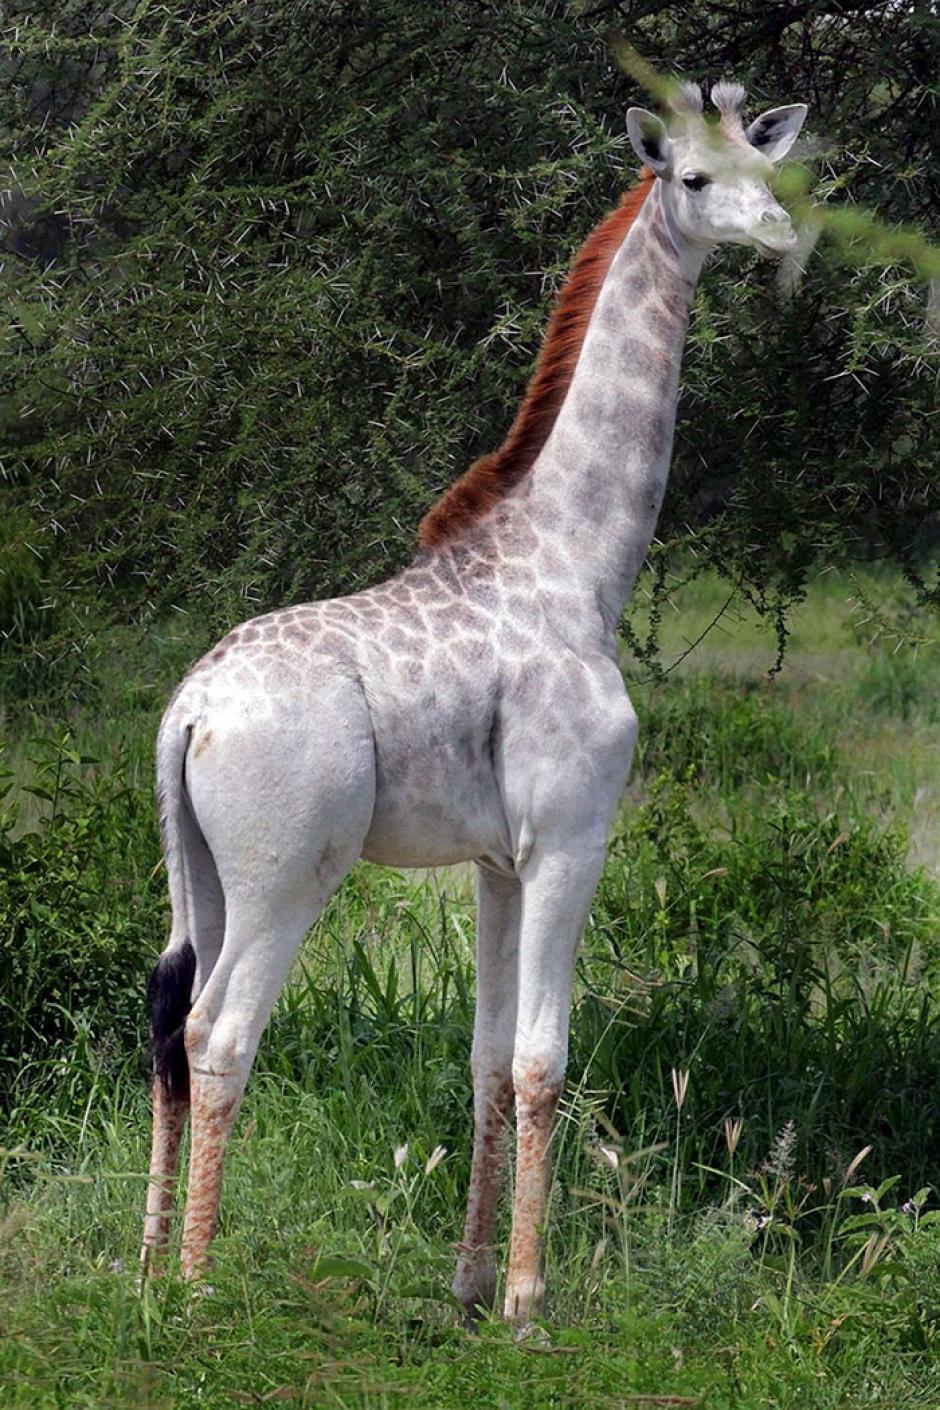 La impresionante jirafa blanca debe su color a una enfermedad llamada leucismo, que le provoca el color en su pelaje. (Foto: boredpanda.com)